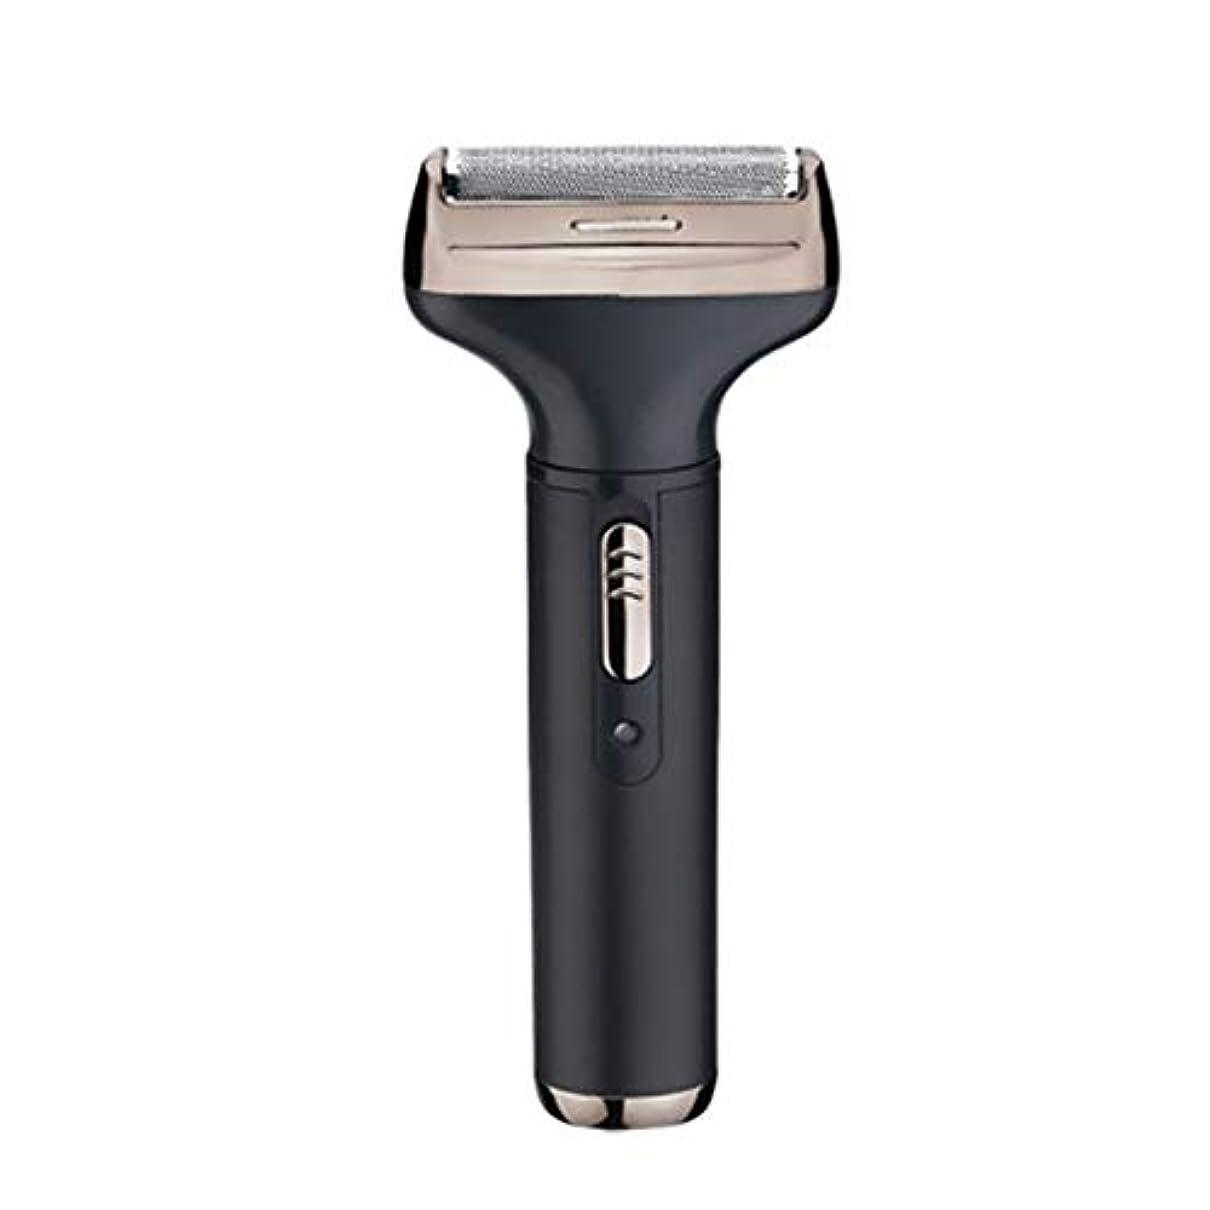 限られた上向き圧倒する電動鼻毛トリマーのワンボタンデザインは、使いやすく快適で使いやすい独自の切断システムにより、鼻から余分な髪を効果的かつ快適に除去します